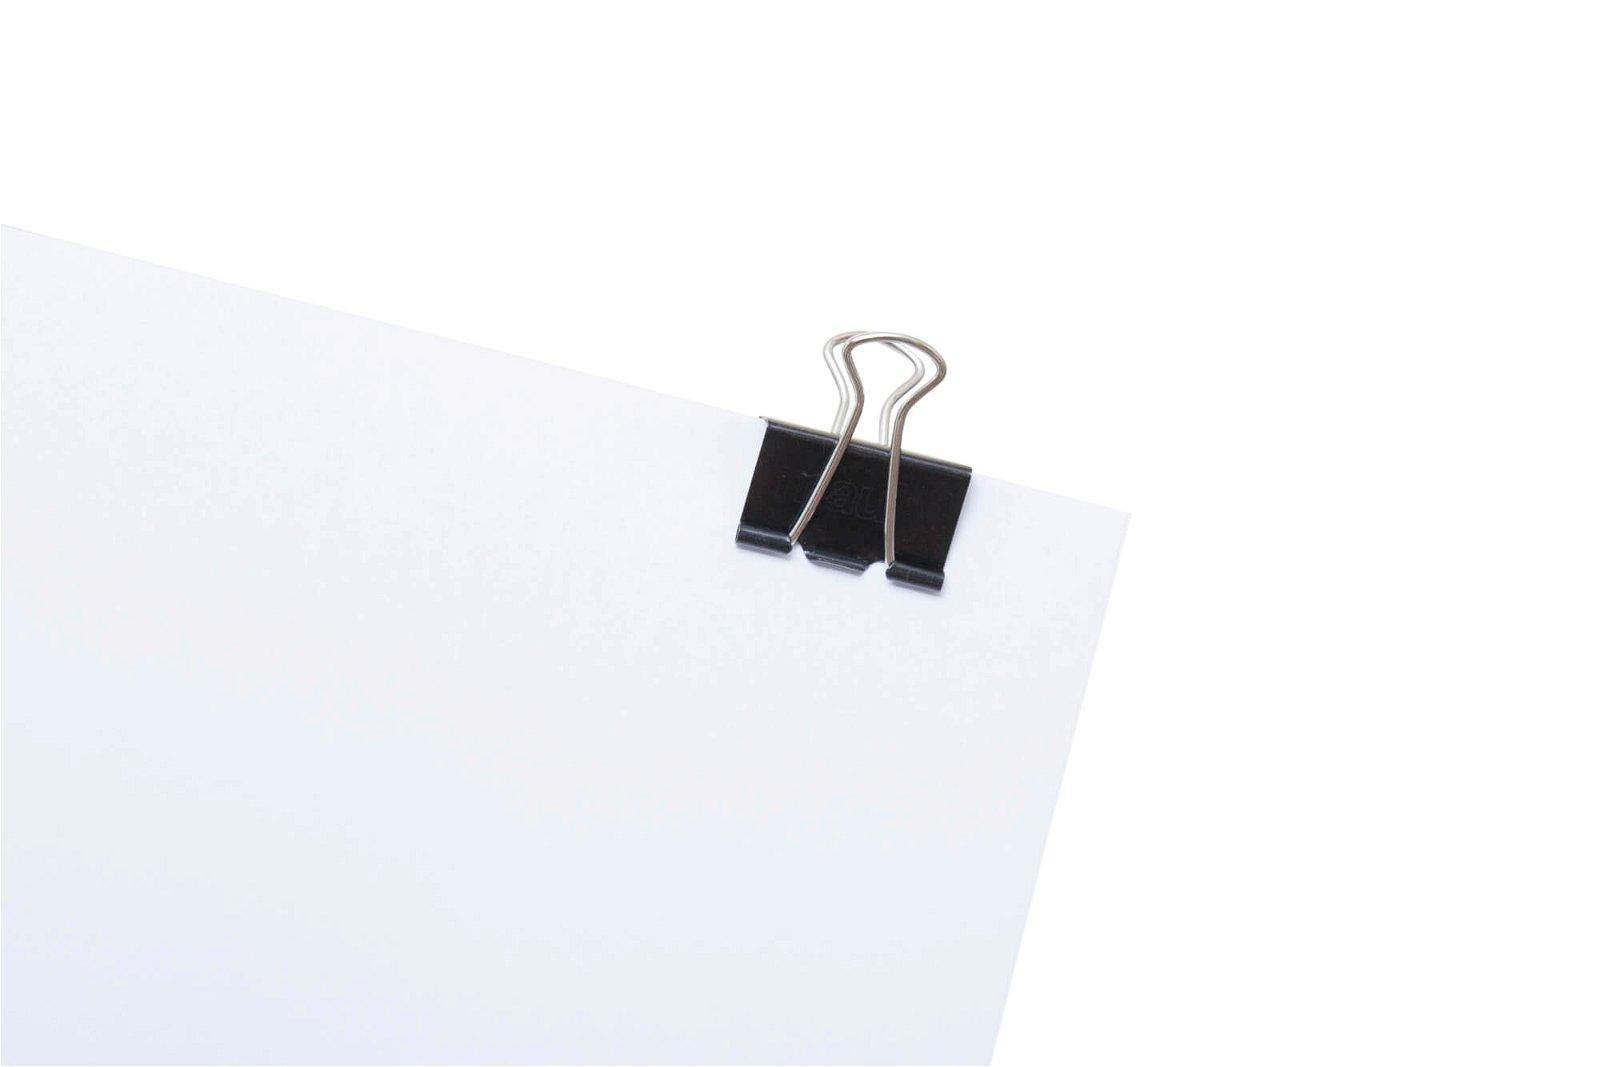 mauly 214, Breite 32 mm, 12 St./Ktn., schwarz